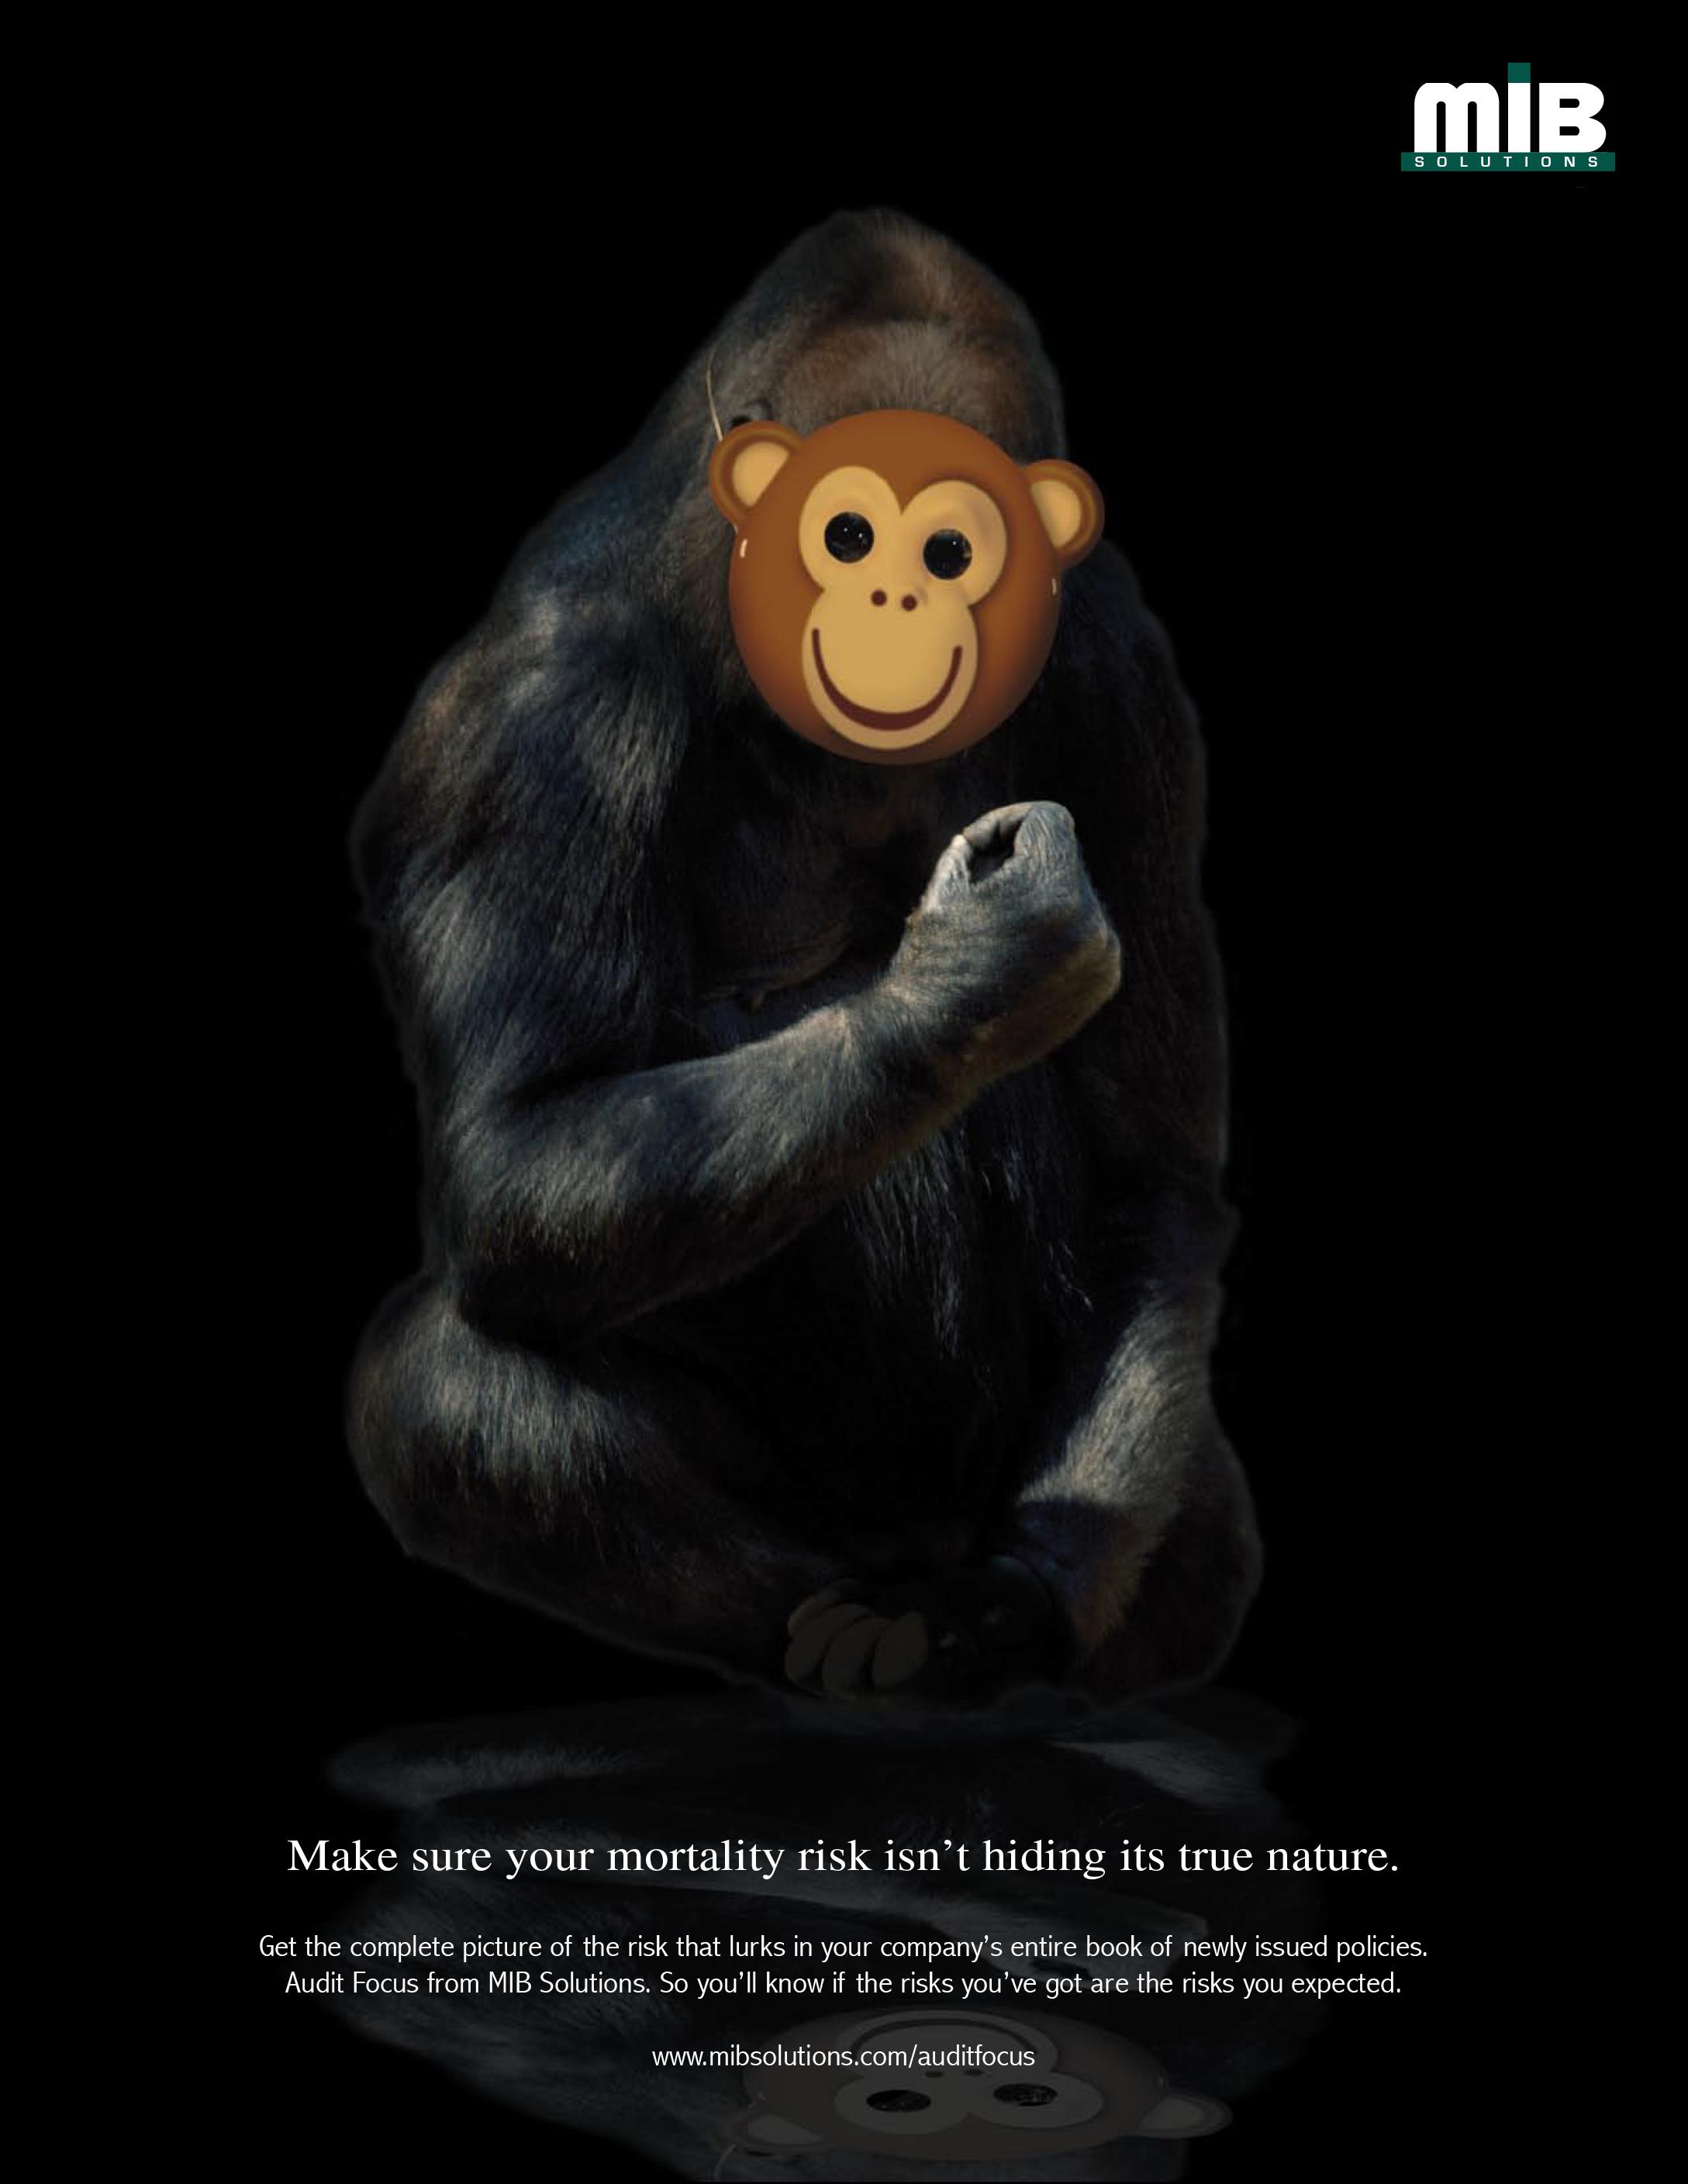 MIB ad - ape